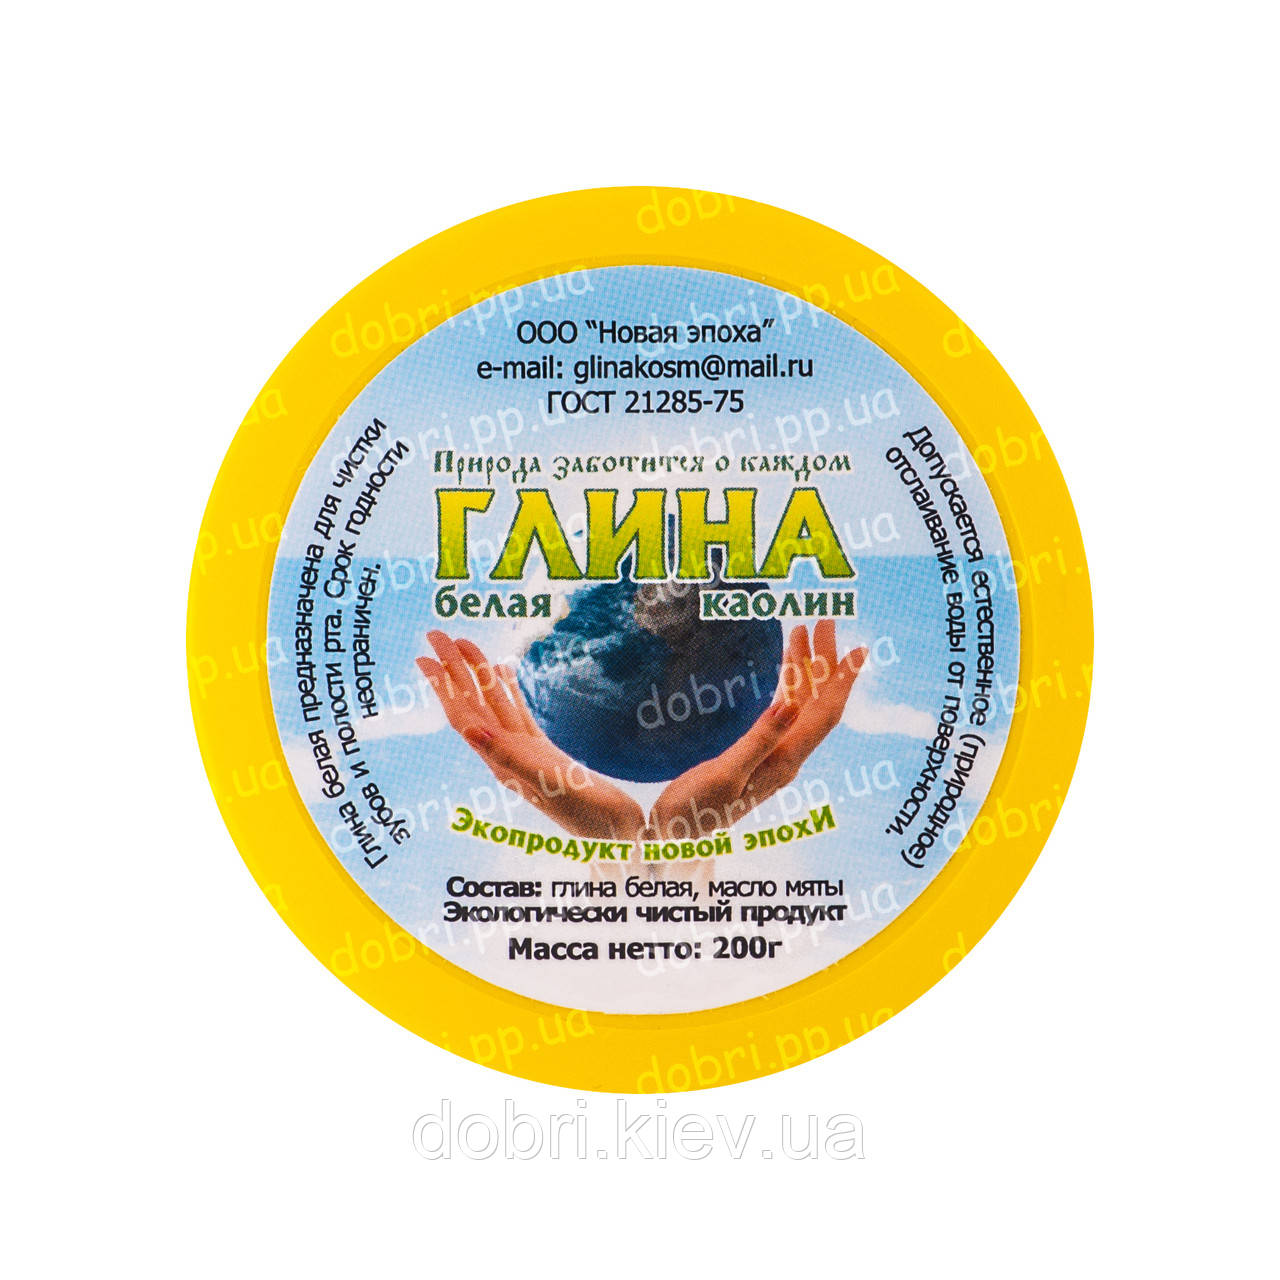 Зубная паста на основе глины. 100% Органический продукт  (200 гр)